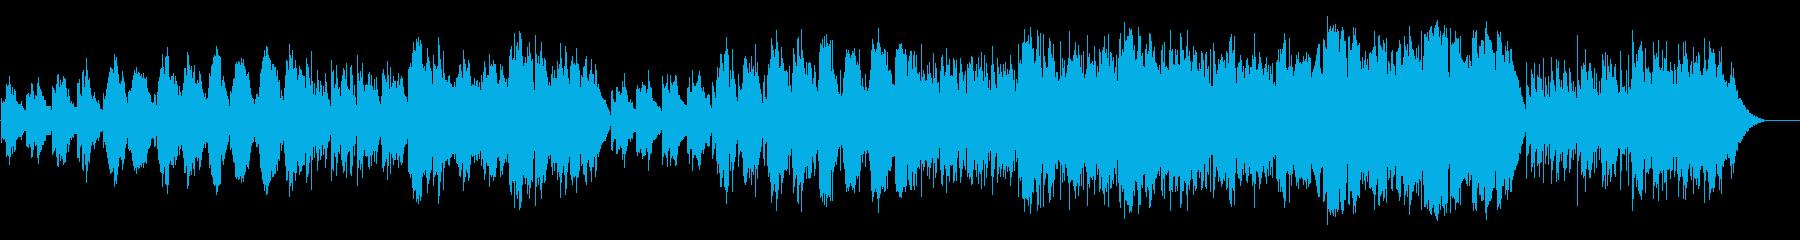 ハーフビターで、ゴージャスナイトライフの再生済みの波形